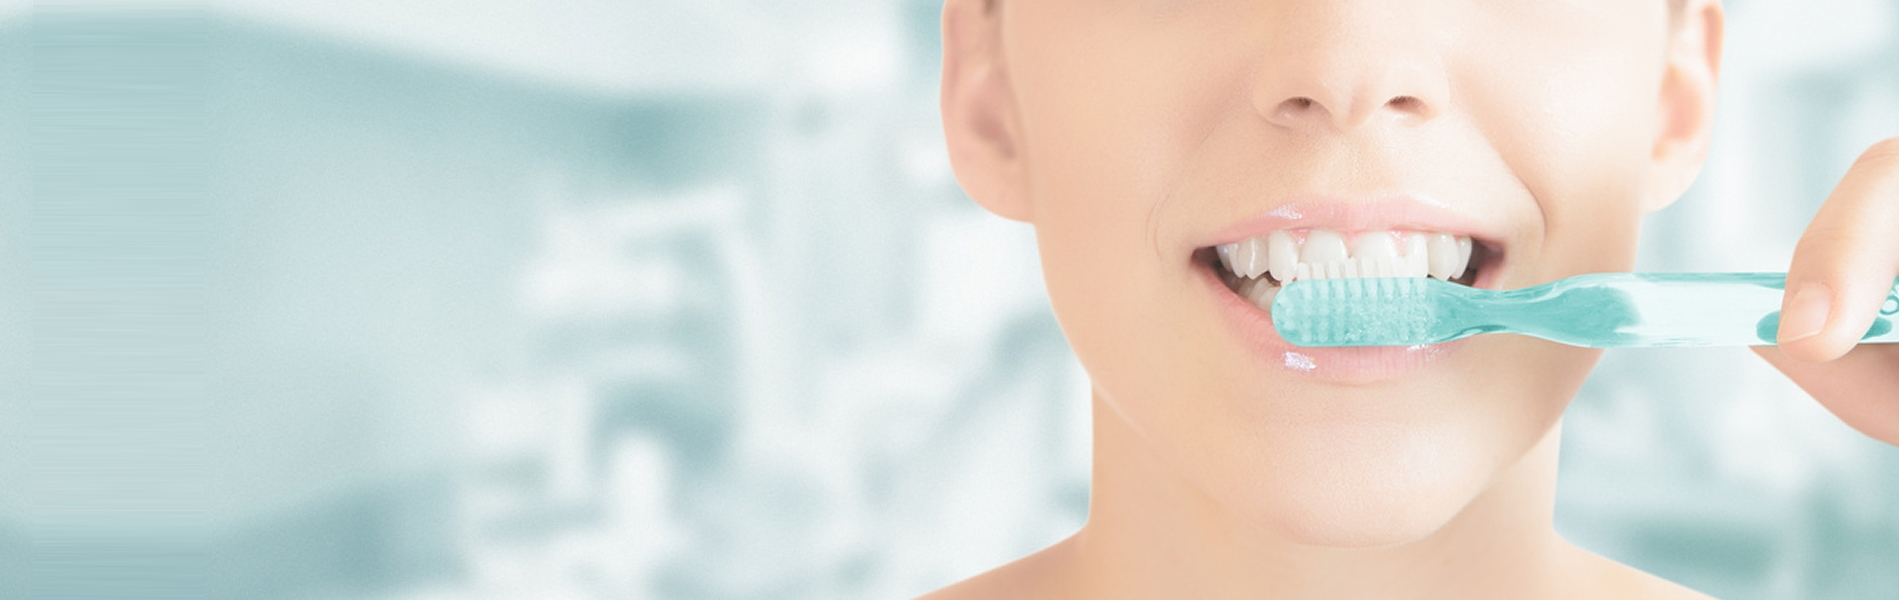 歯科|栃木県南地区でかみ合わせ・あごずれ治療、歯周病治療、小児歯科、障がい者歯科に取り組む寺内歯科医院